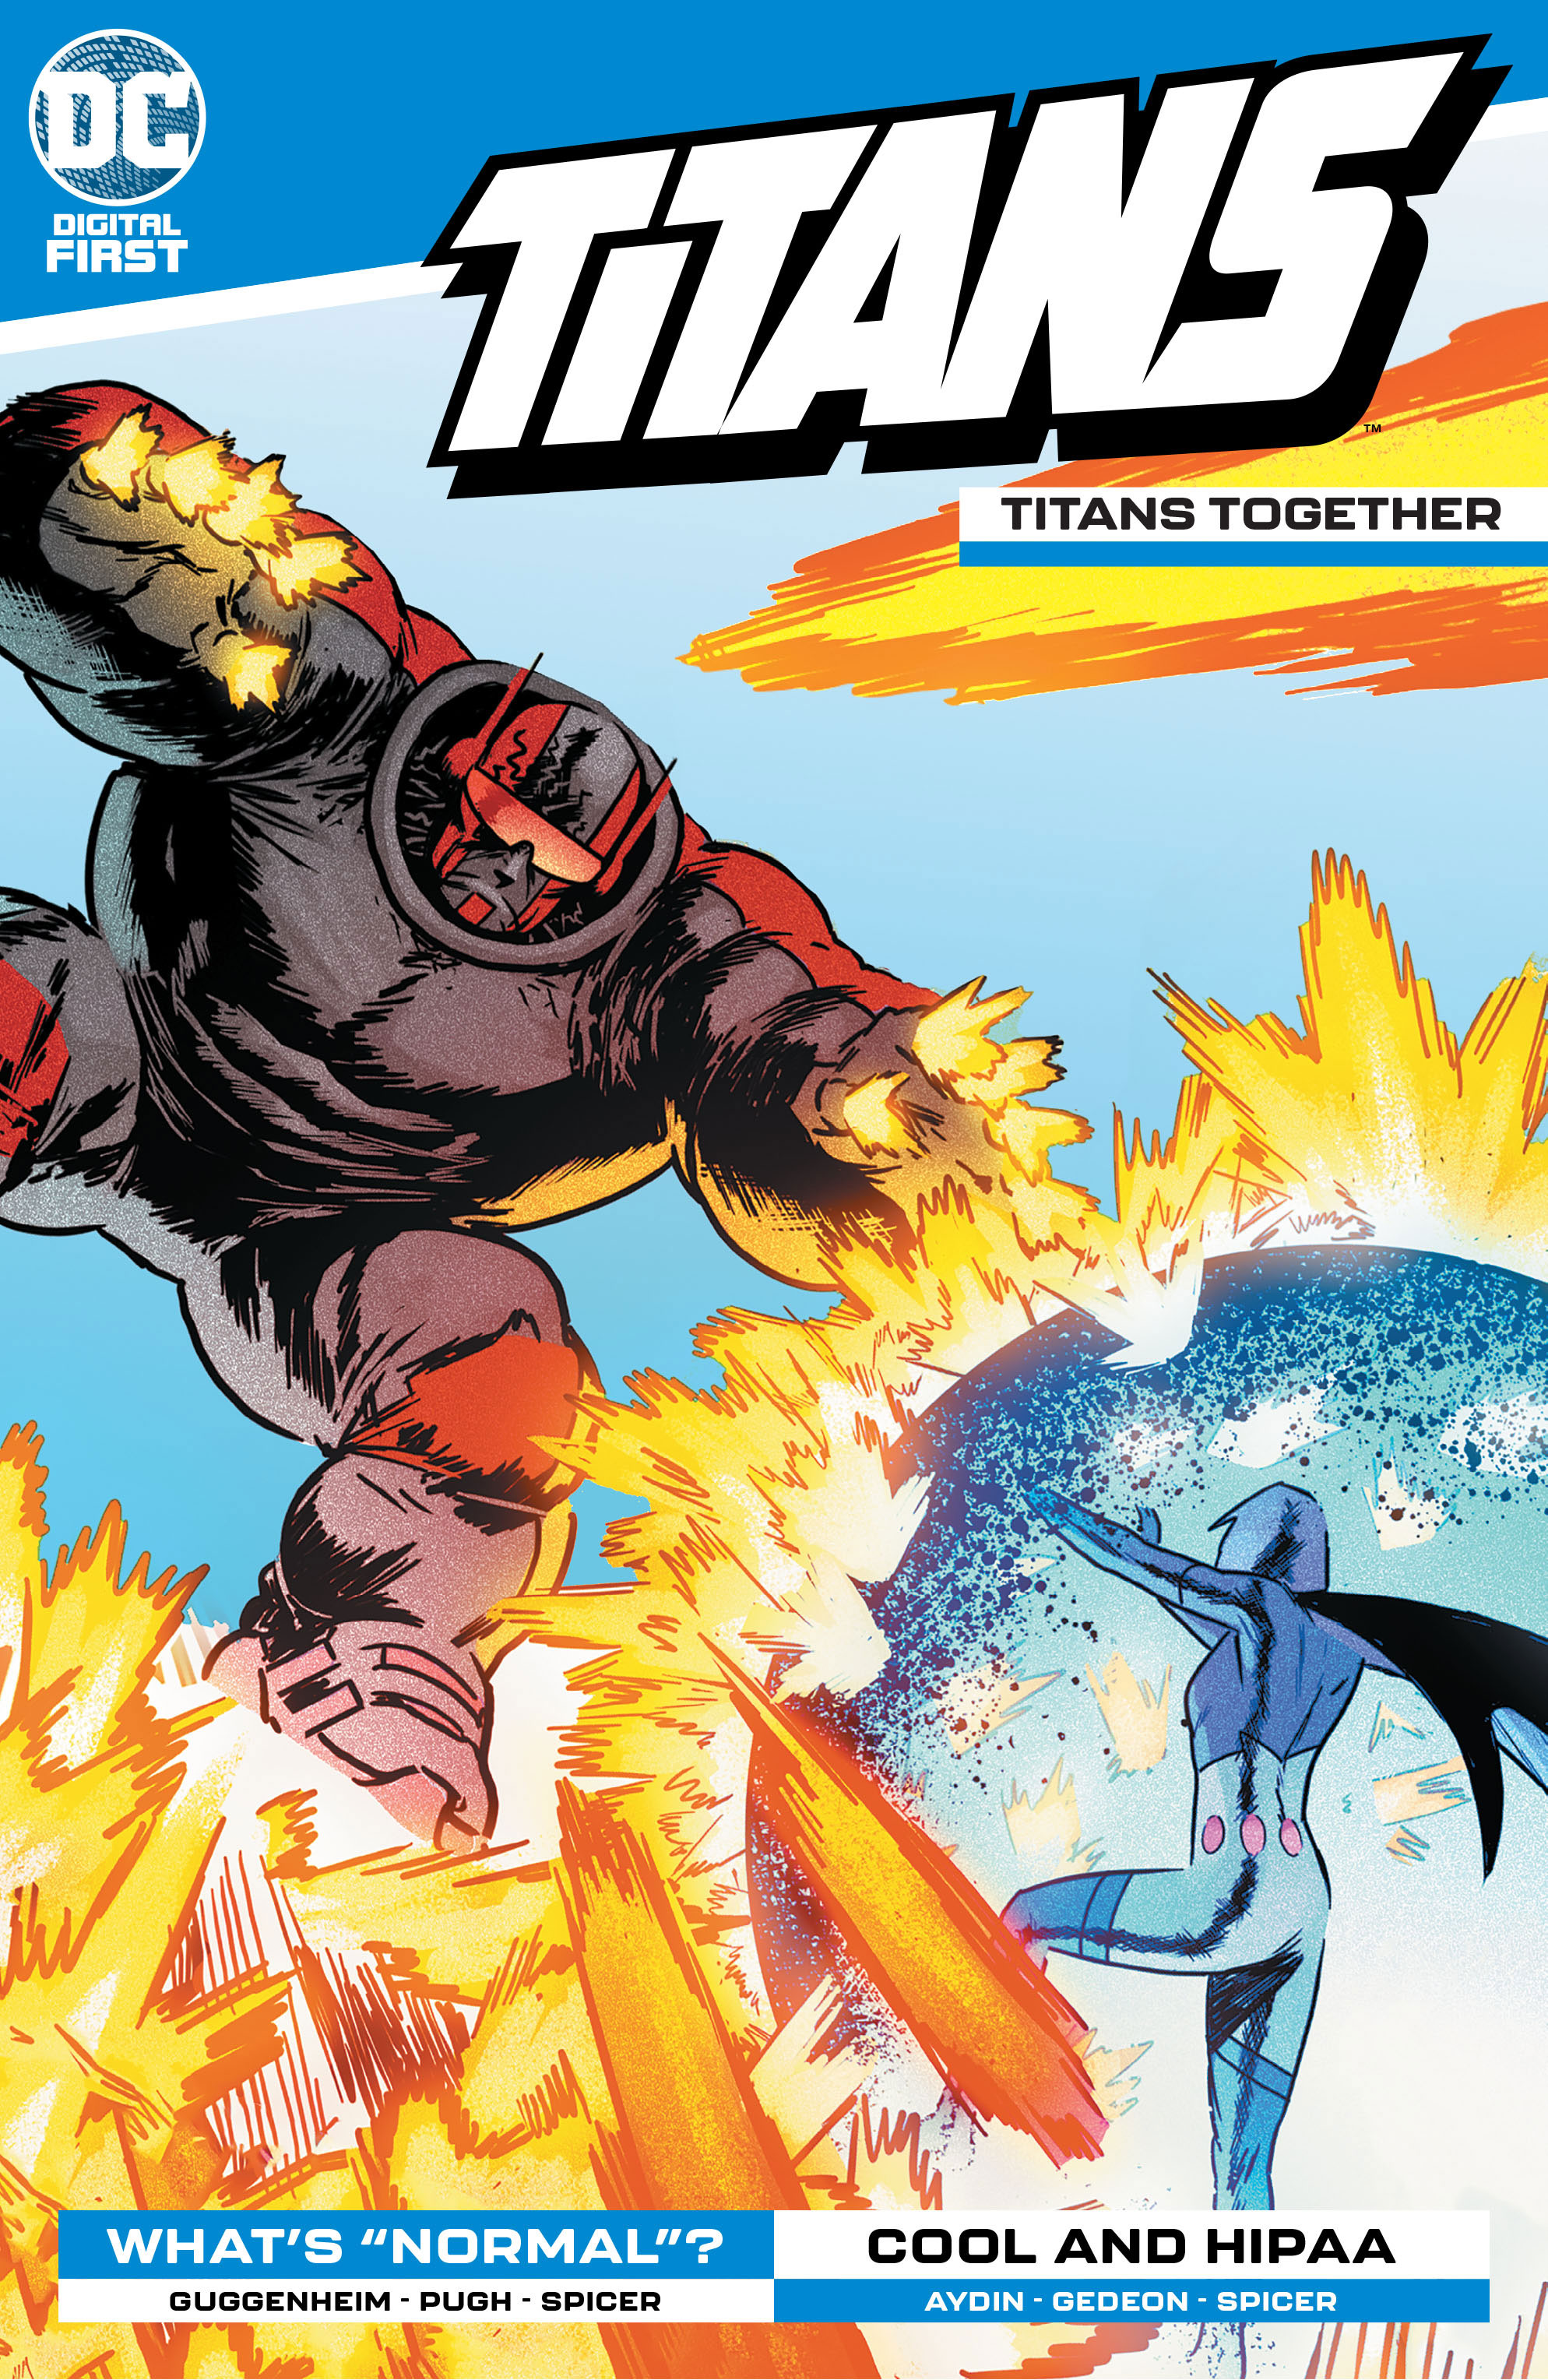 TITANS-TITANS-TOGETHER-Cv3